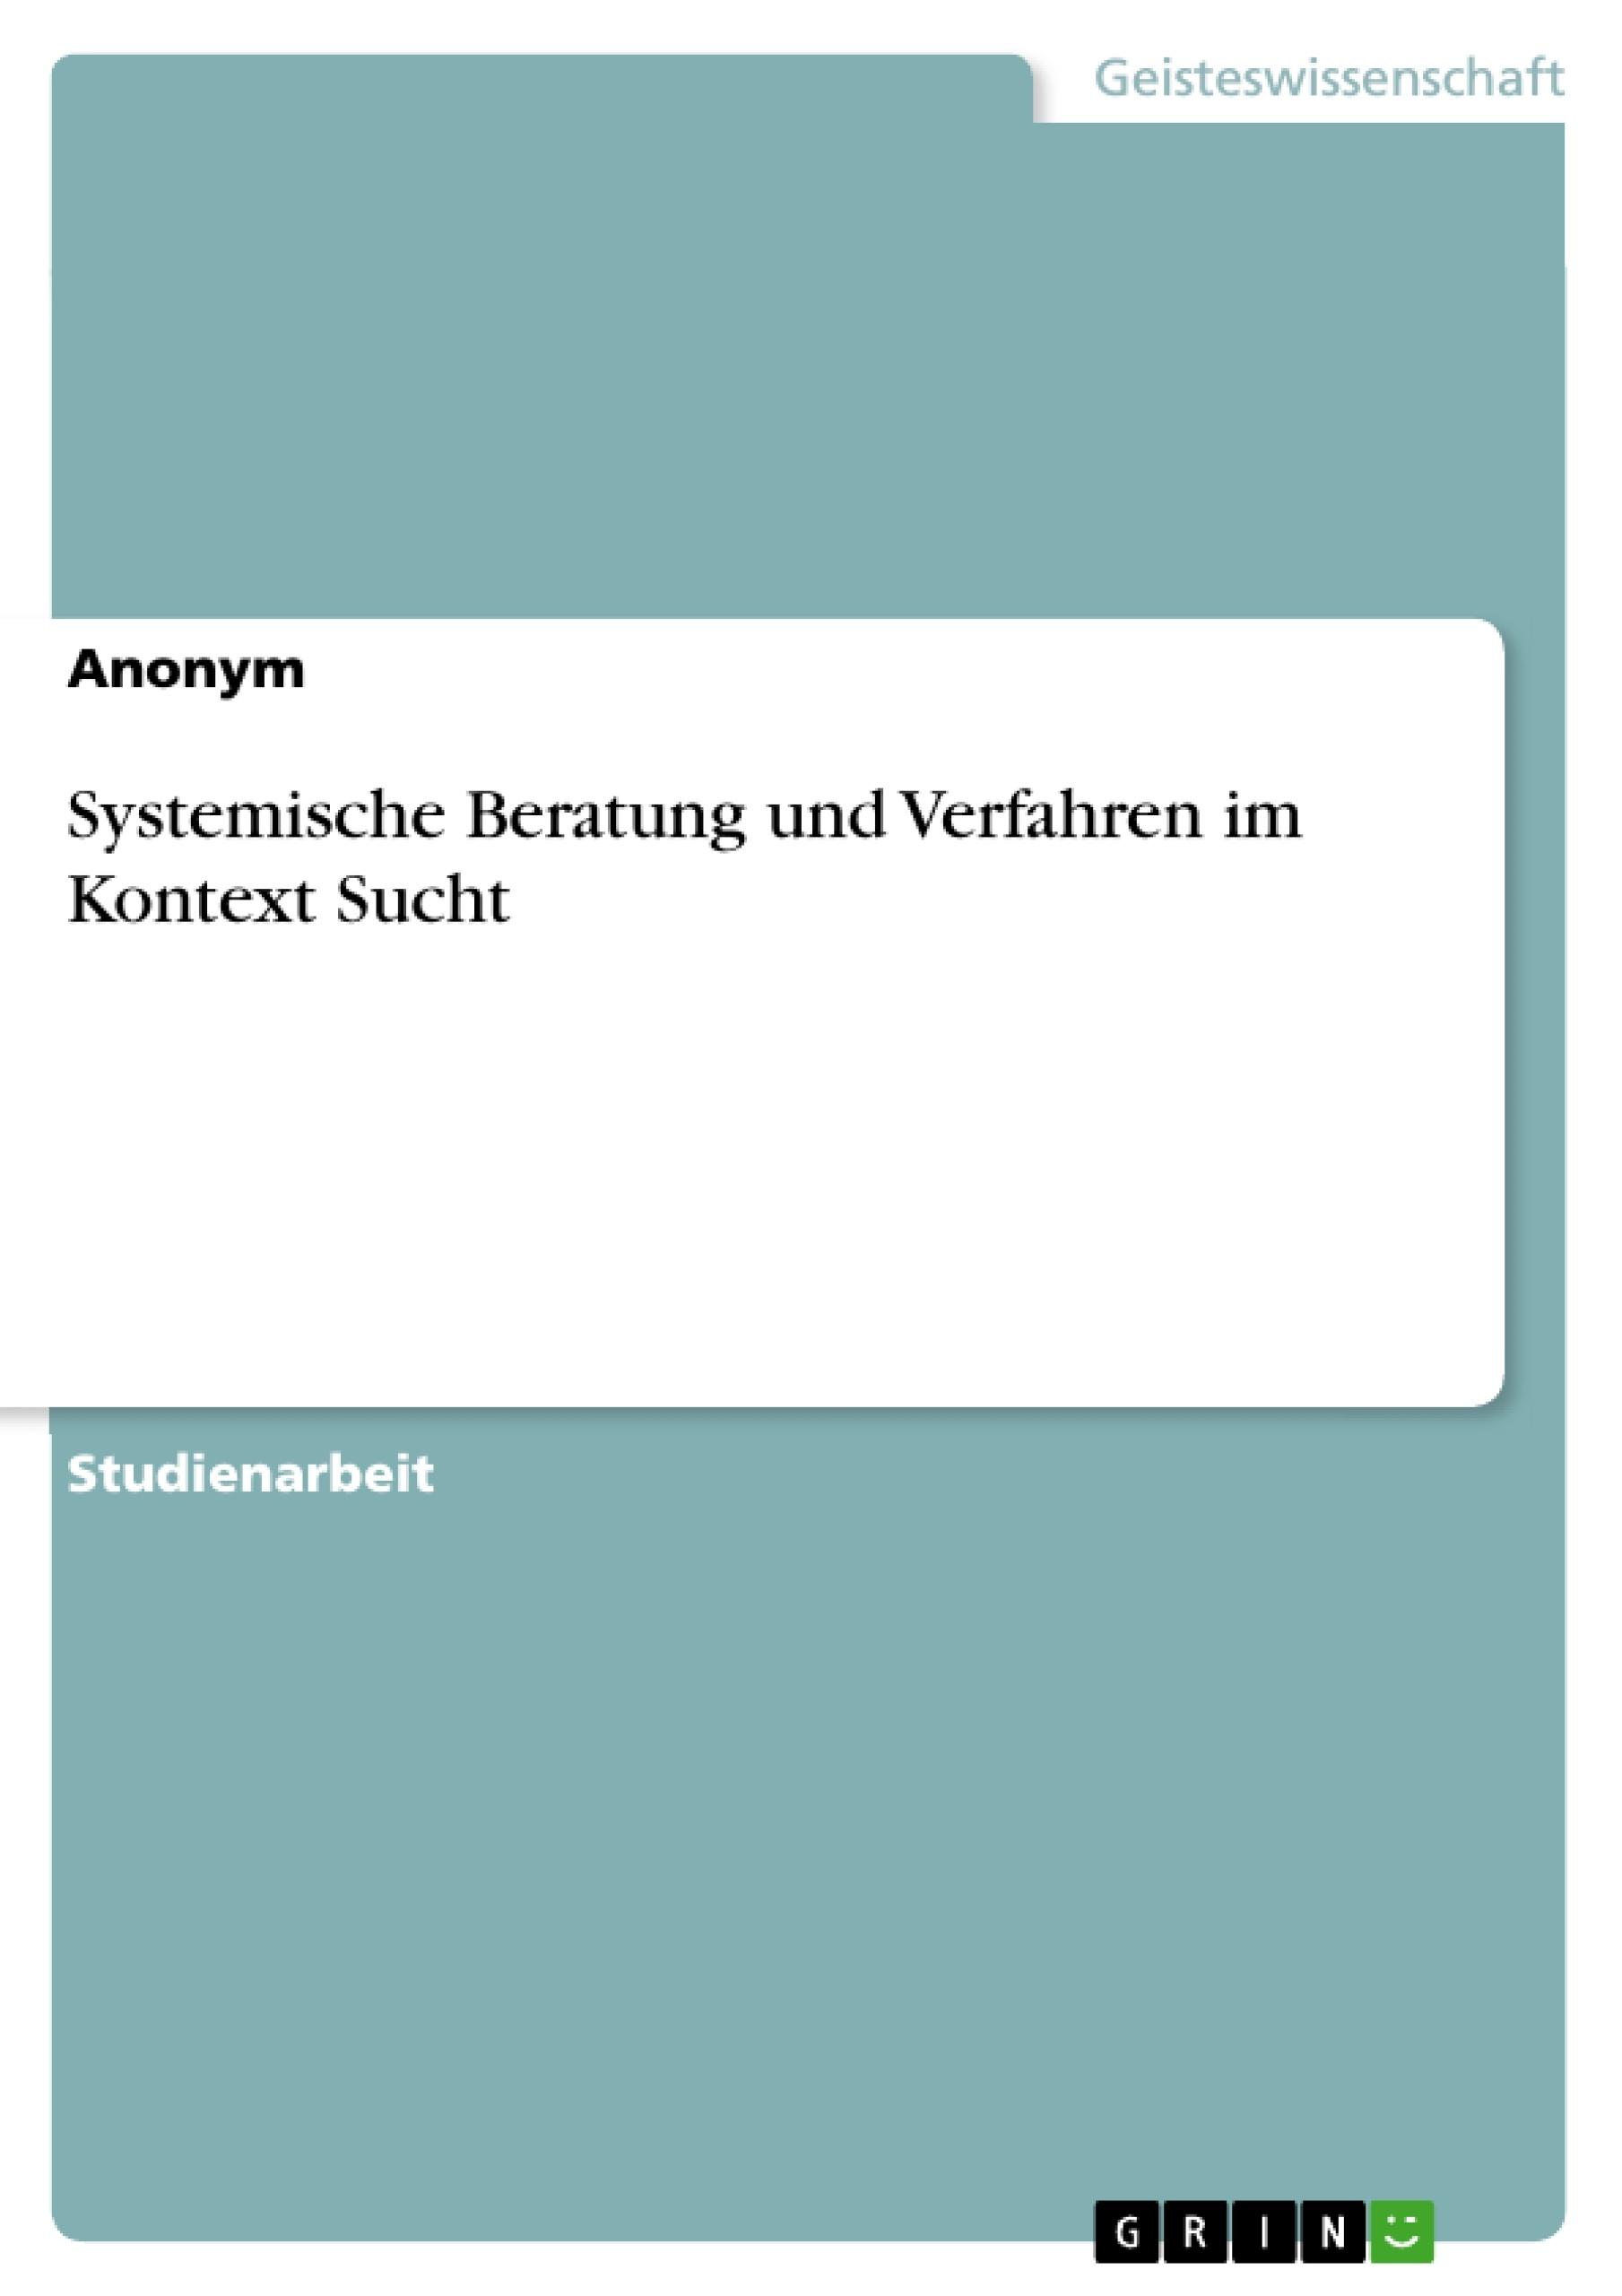 Titel: Systemische Beratung und Verfahren im Kontext Sucht